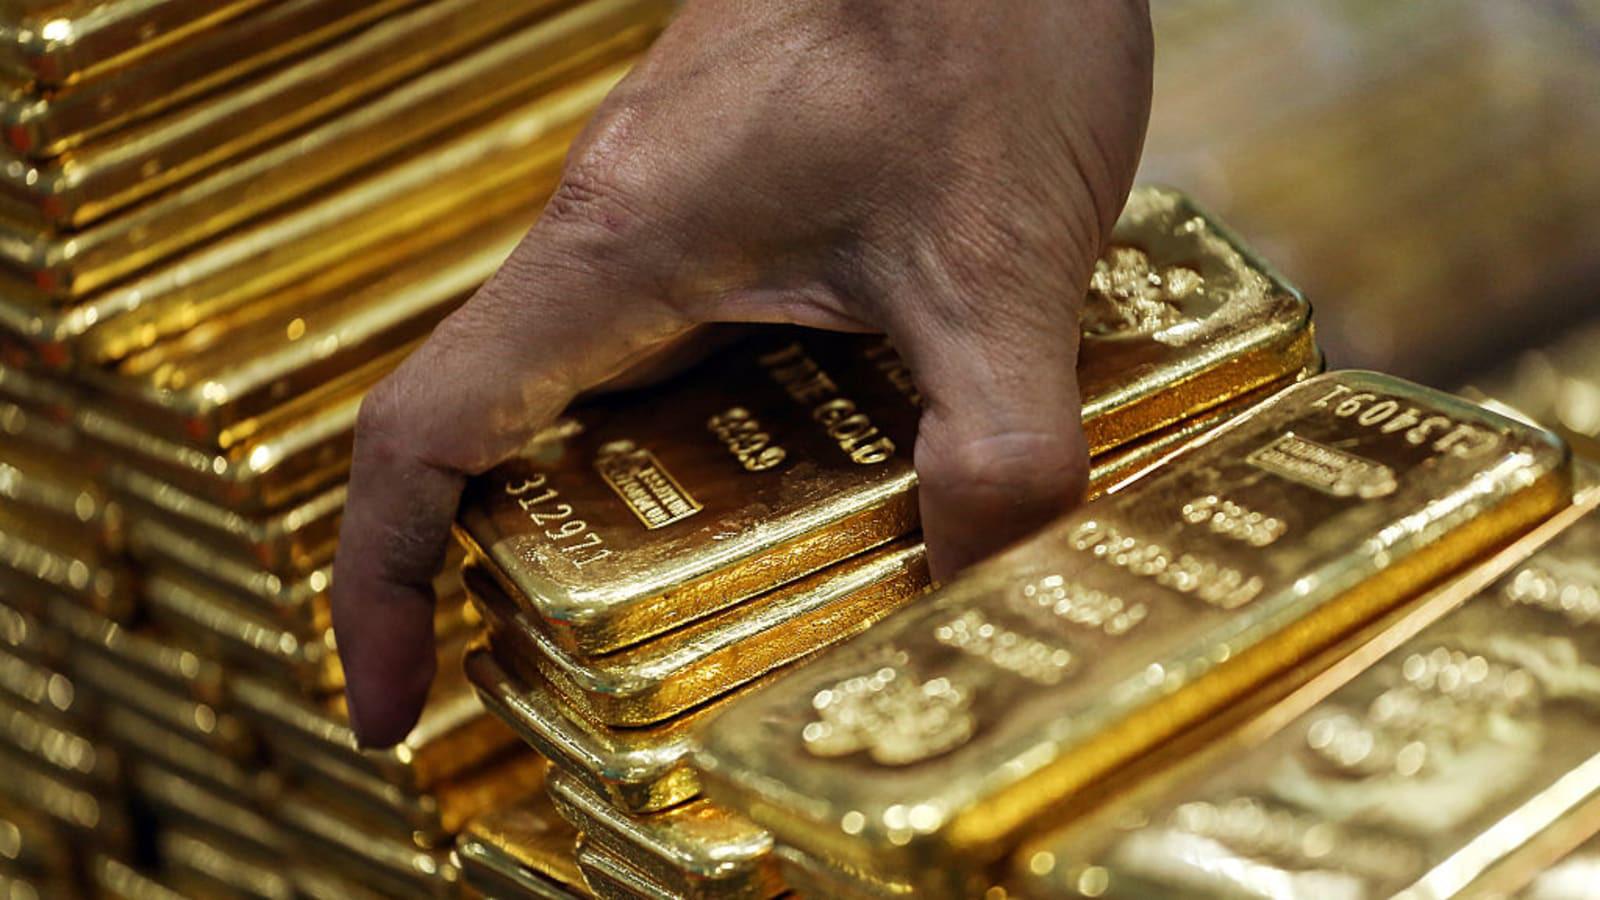 Giới nhà giàu chật vật gom vàng thỏi trong mùa dịch Covid-19 - Ảnh 2.